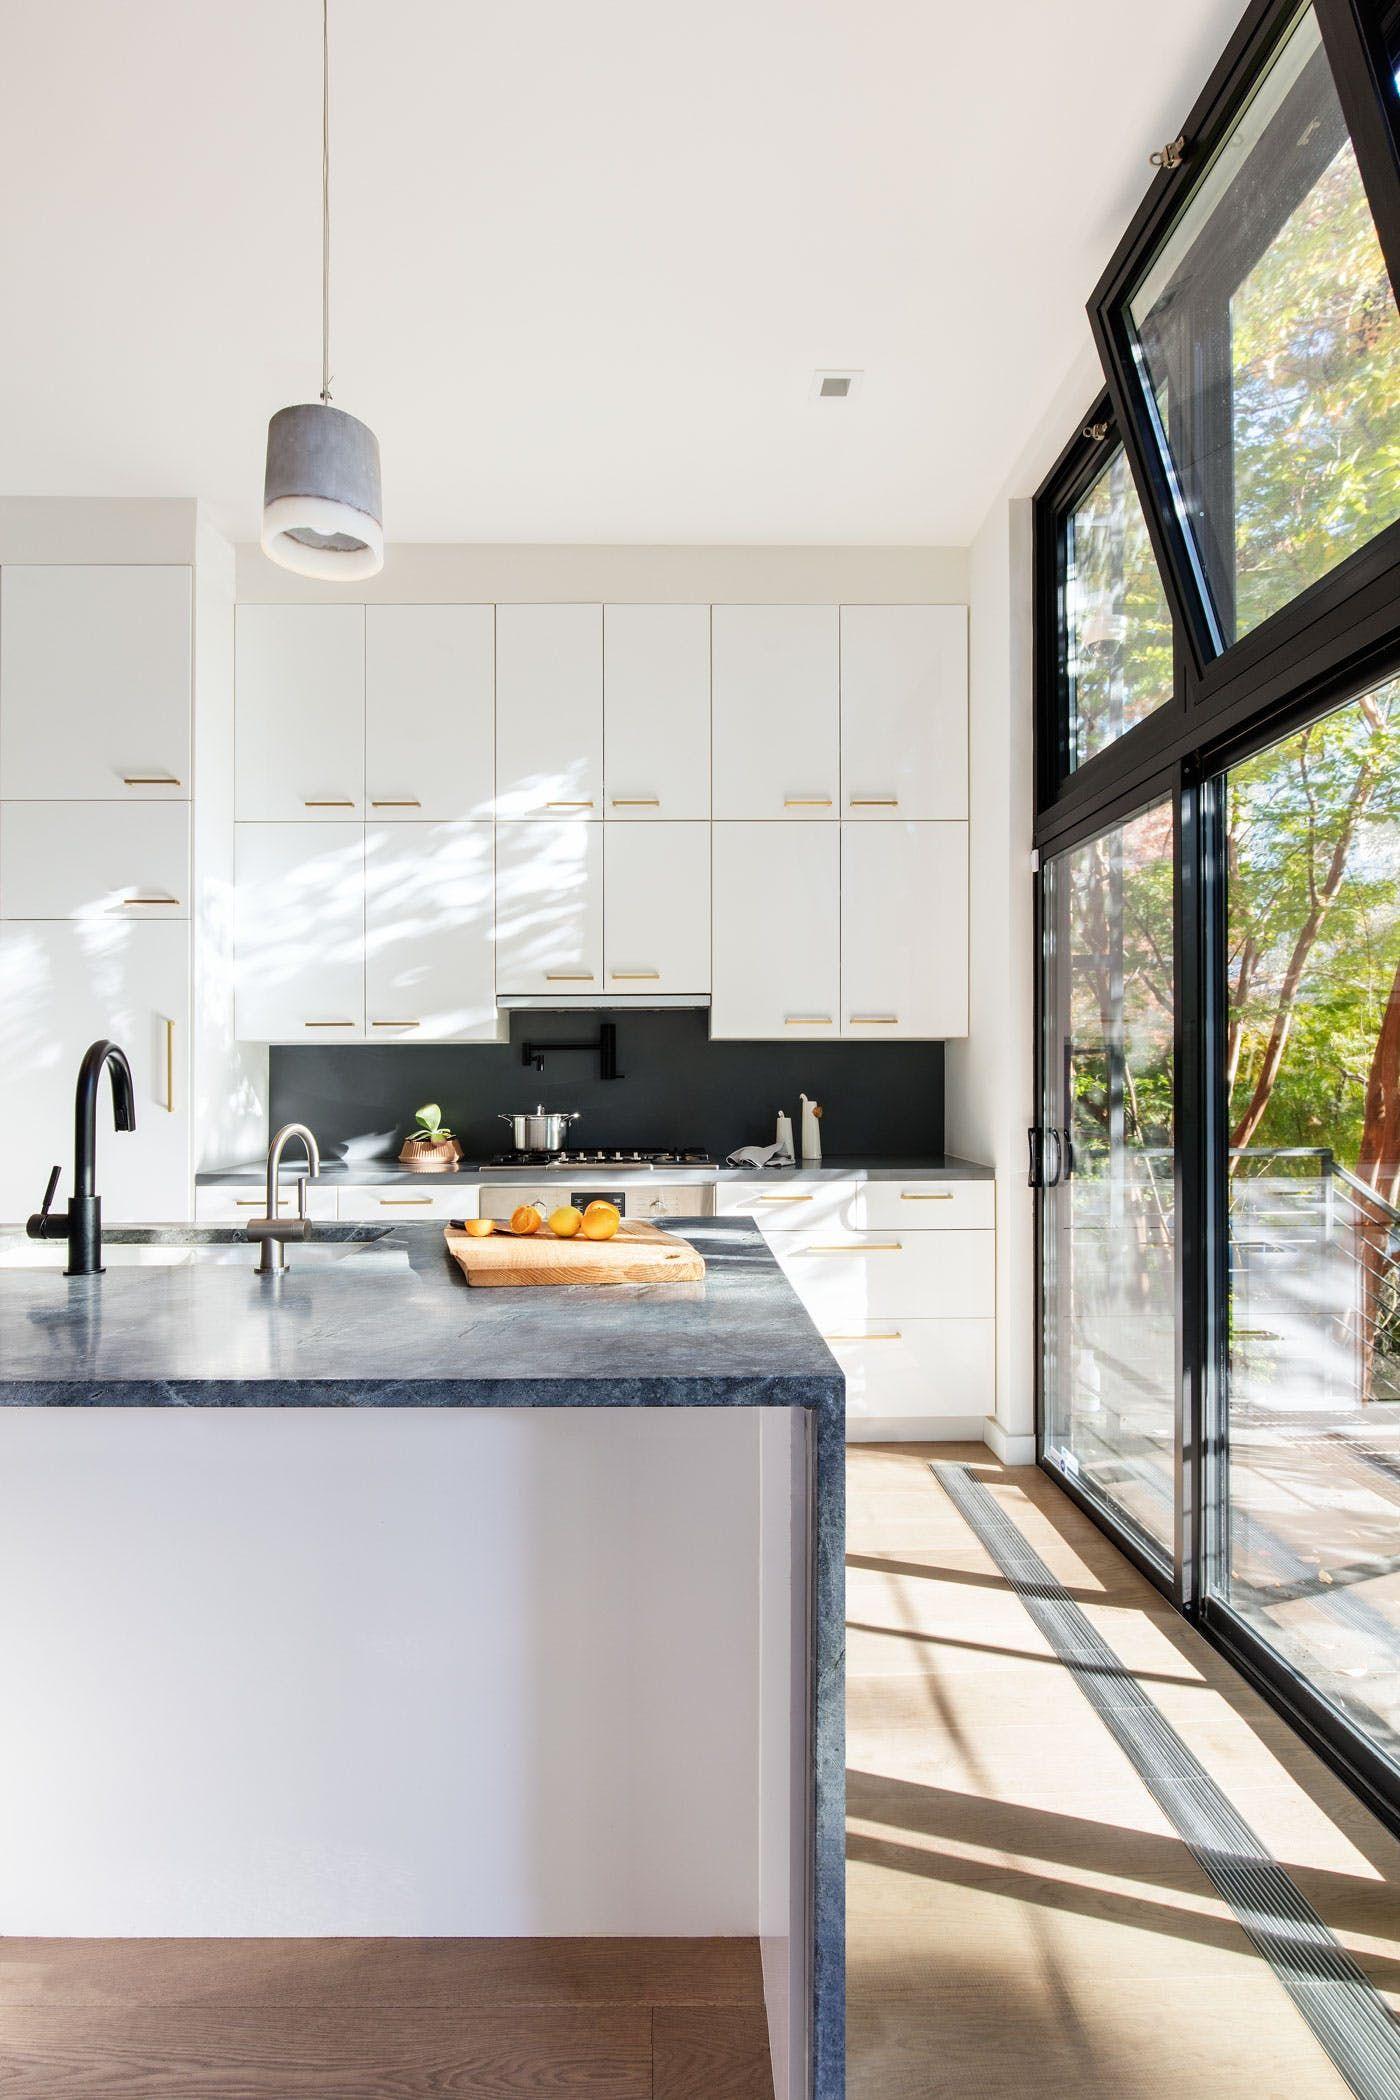 How To Make IKEA Kitchen Cabinets Look Like a Million Bucks | Ikea ...